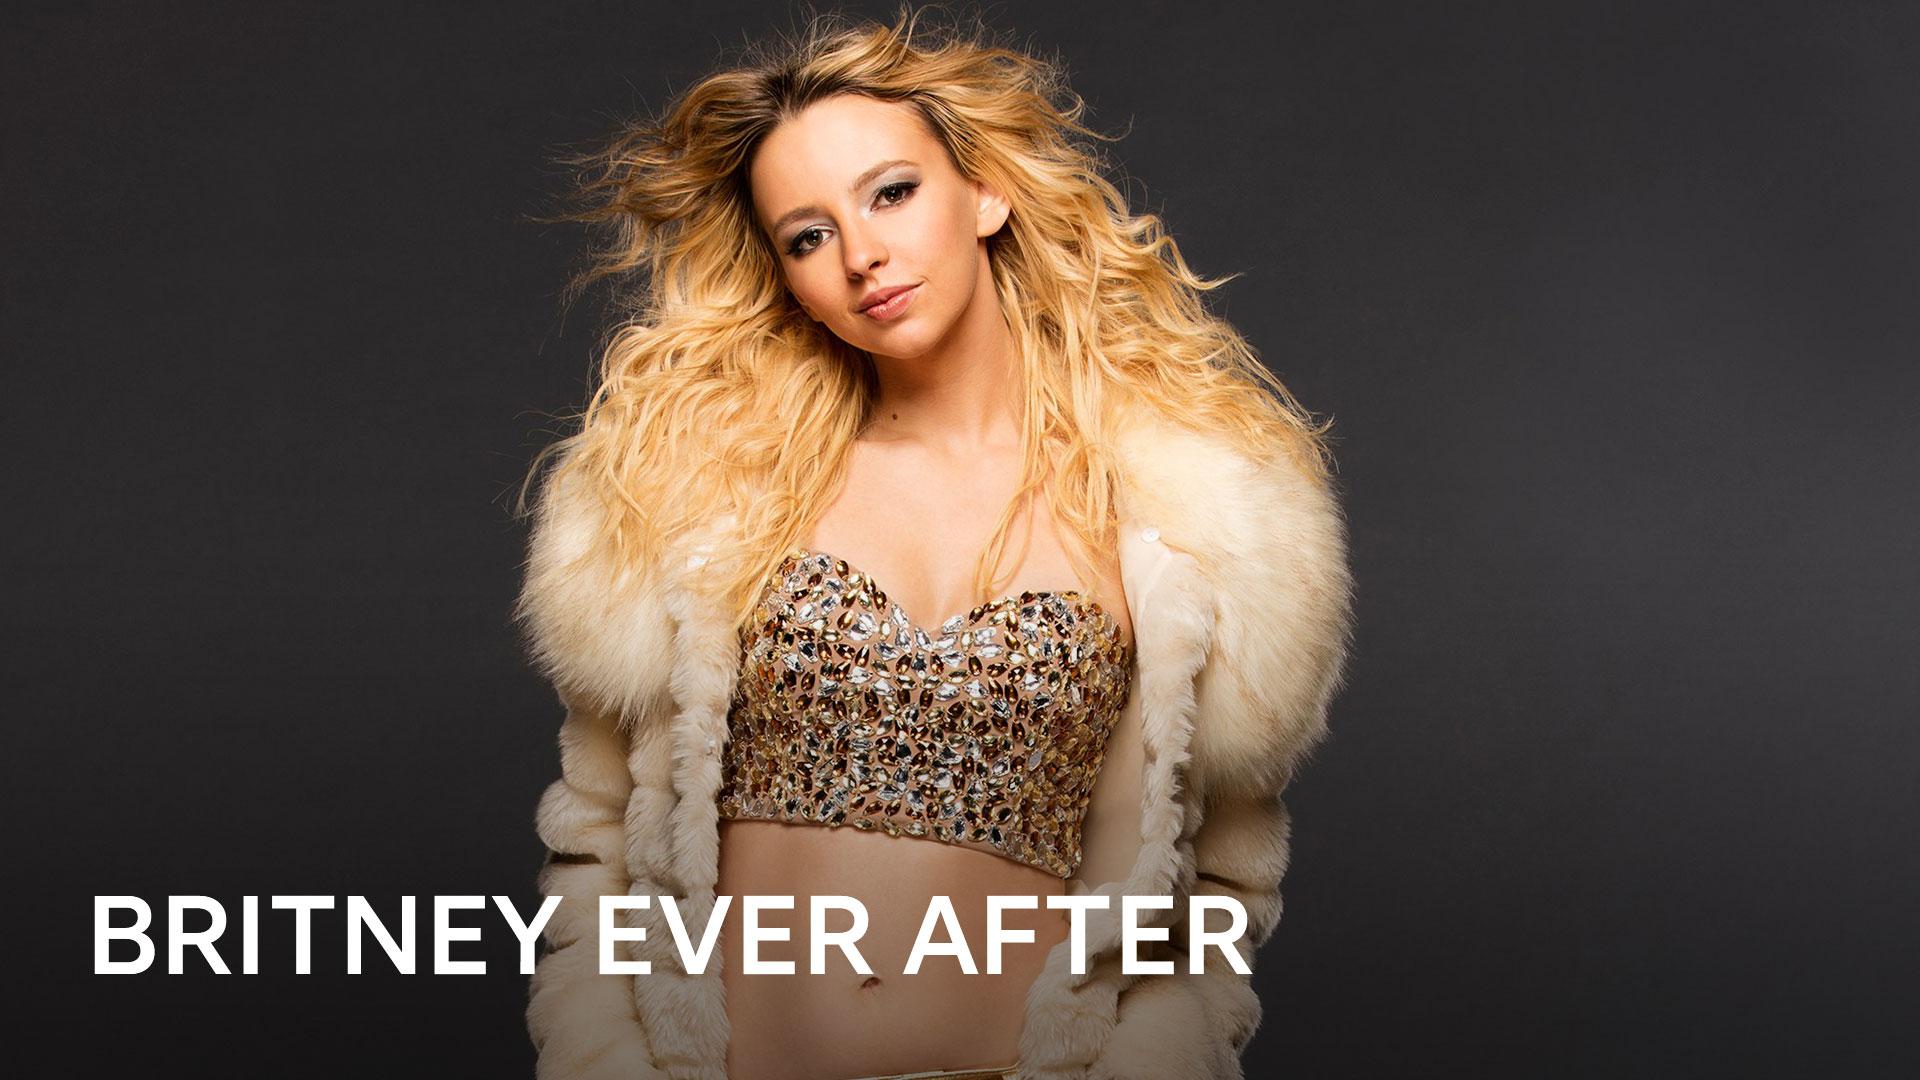 Britney Spears' storhed og fald